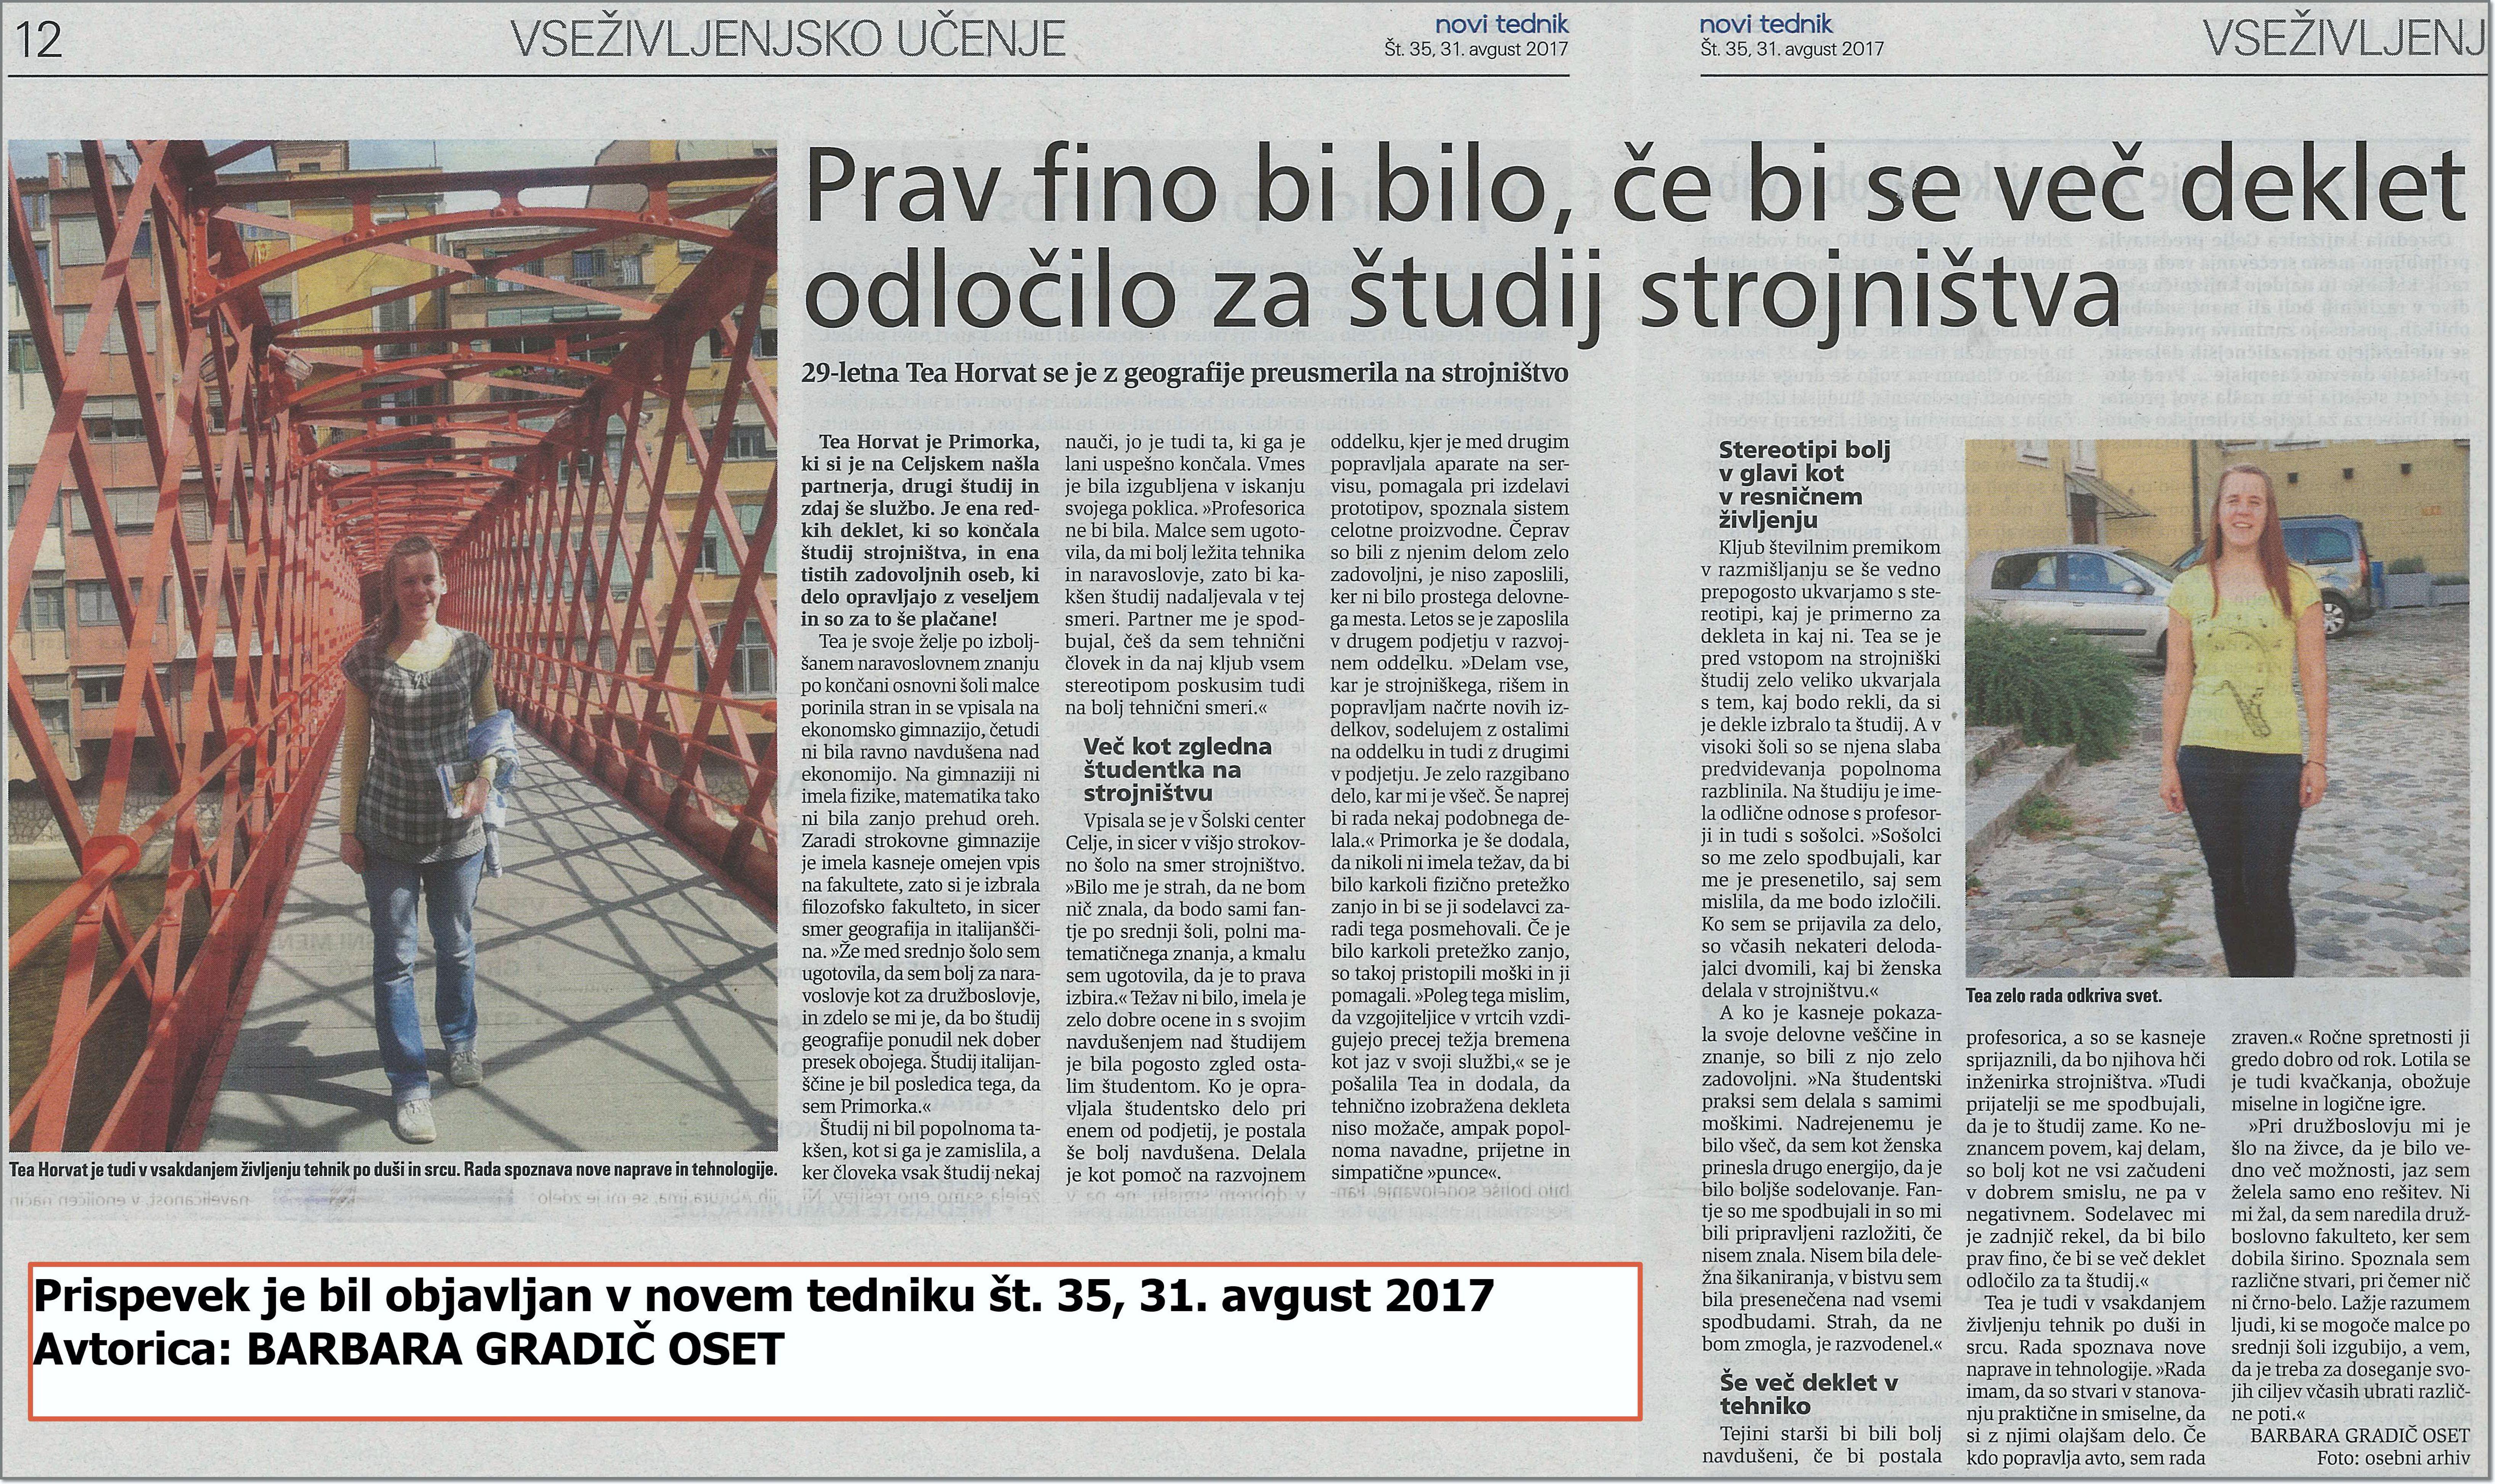 Novi tednik - intervju s Teo Horvat - 31.8.2017